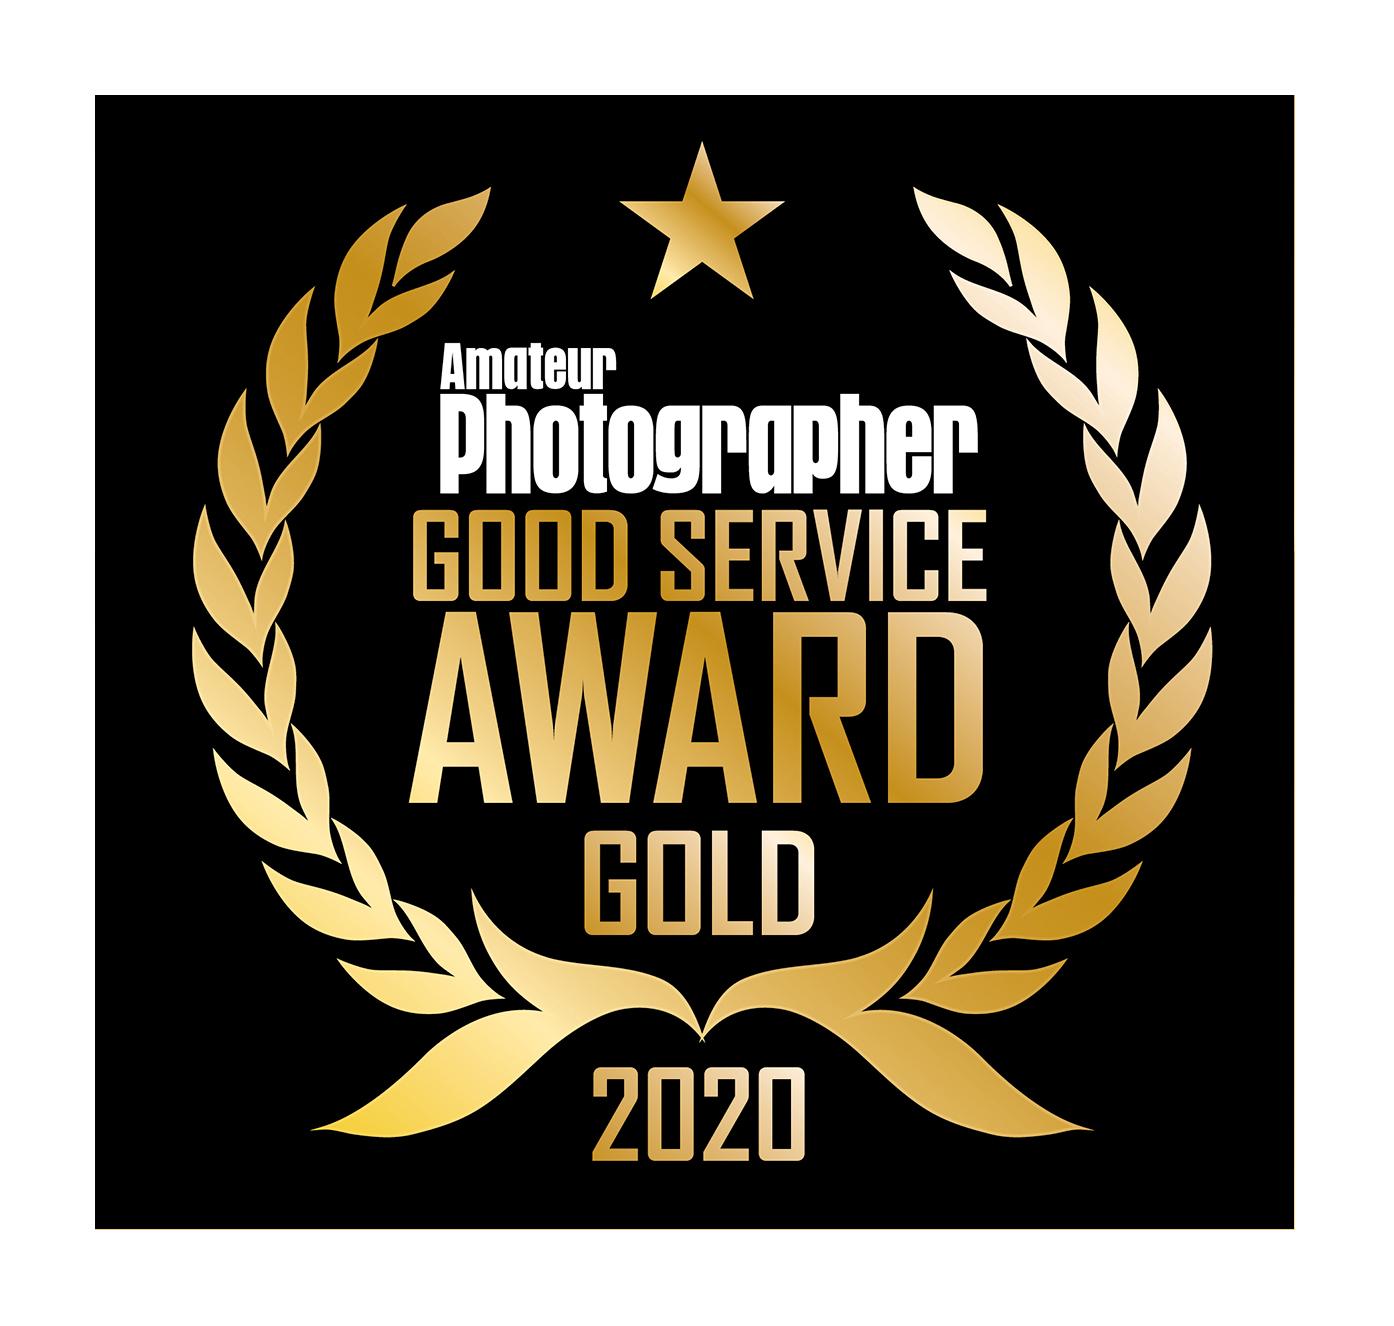 Amateur Photographer 2020 Good Service Award